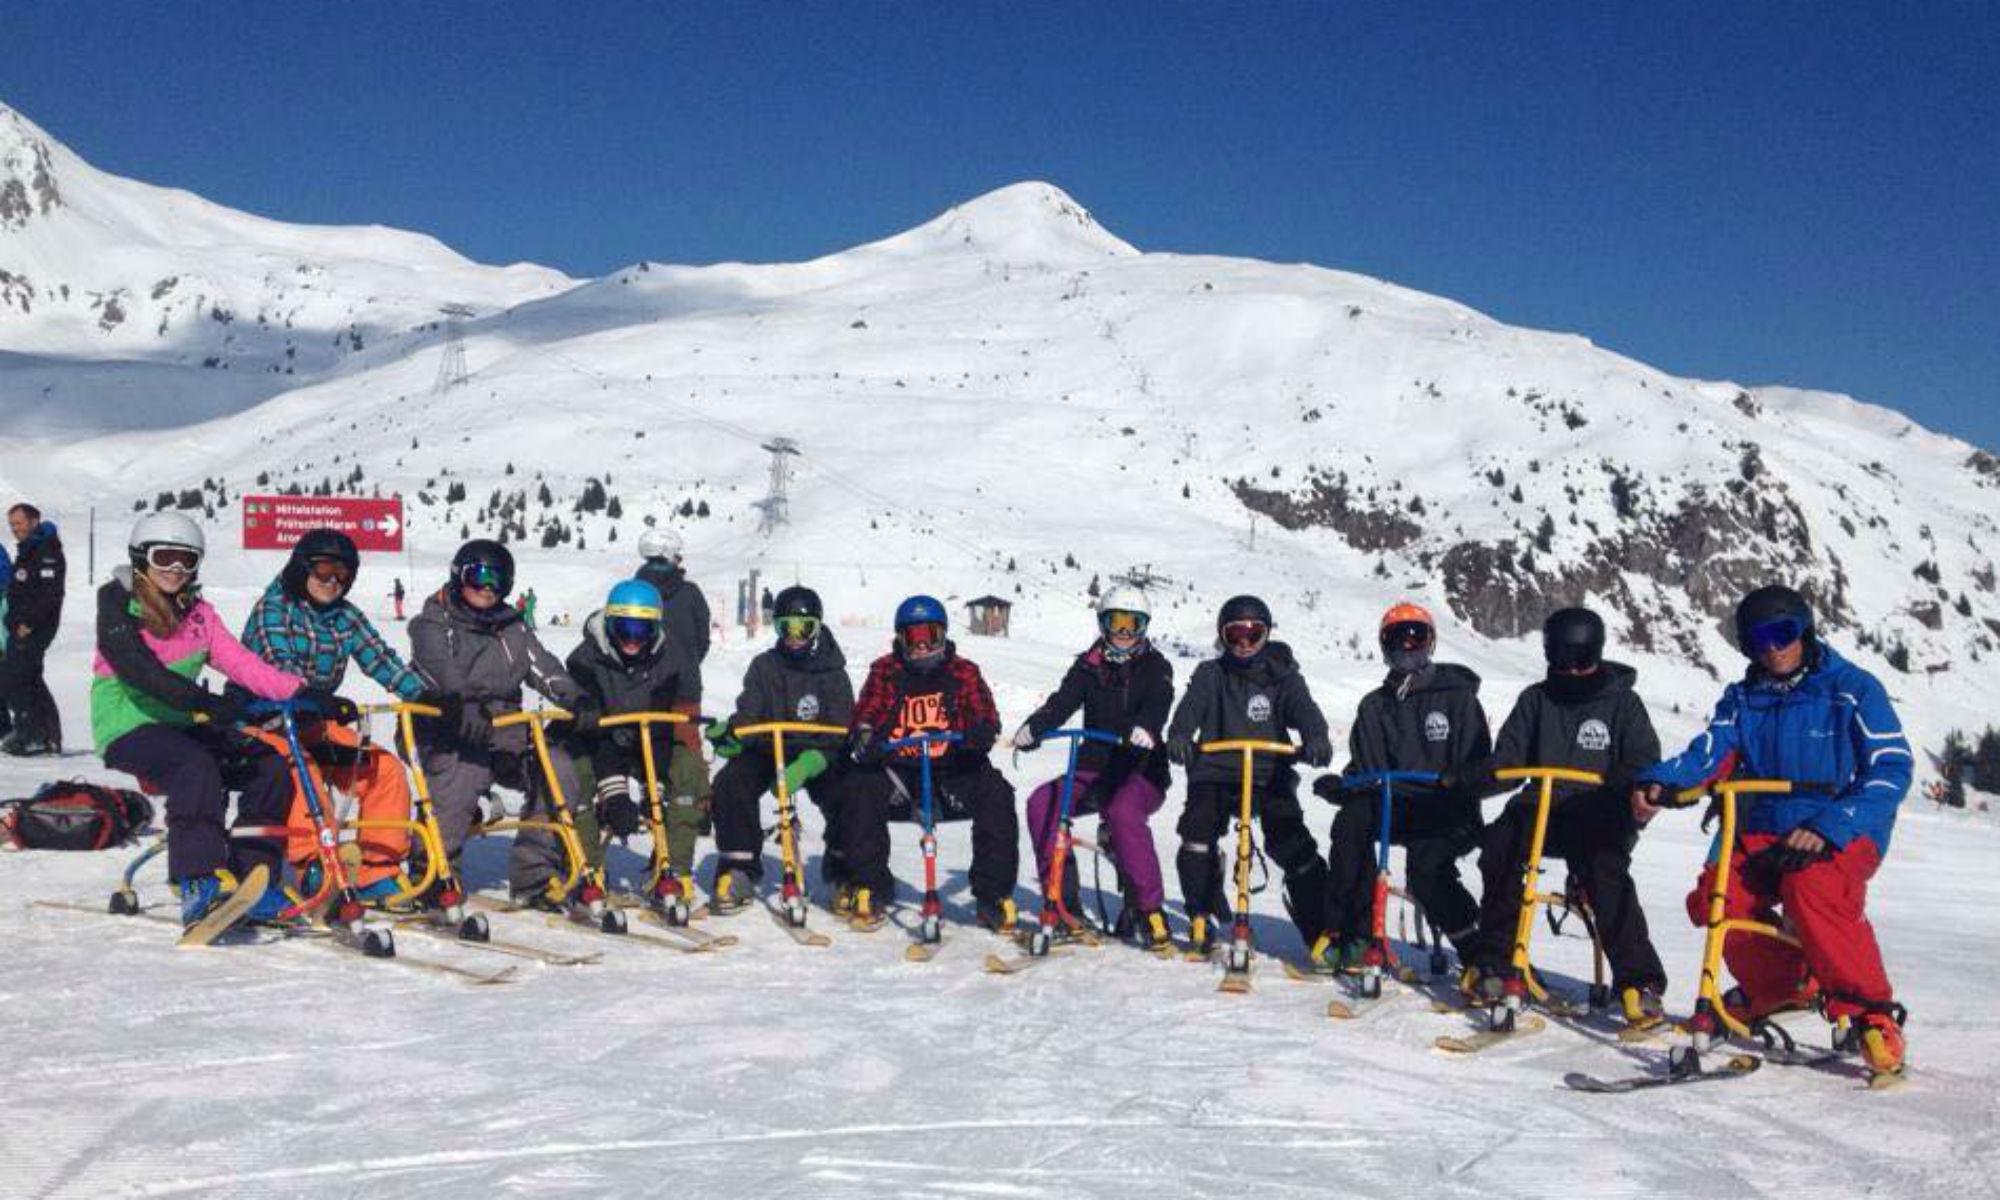 Eine Gruppe von Jugendlichen und ein Skilehrer sitzen auf Snowbikes auf einer sonnigen Piste im Skigebiet Arosa.